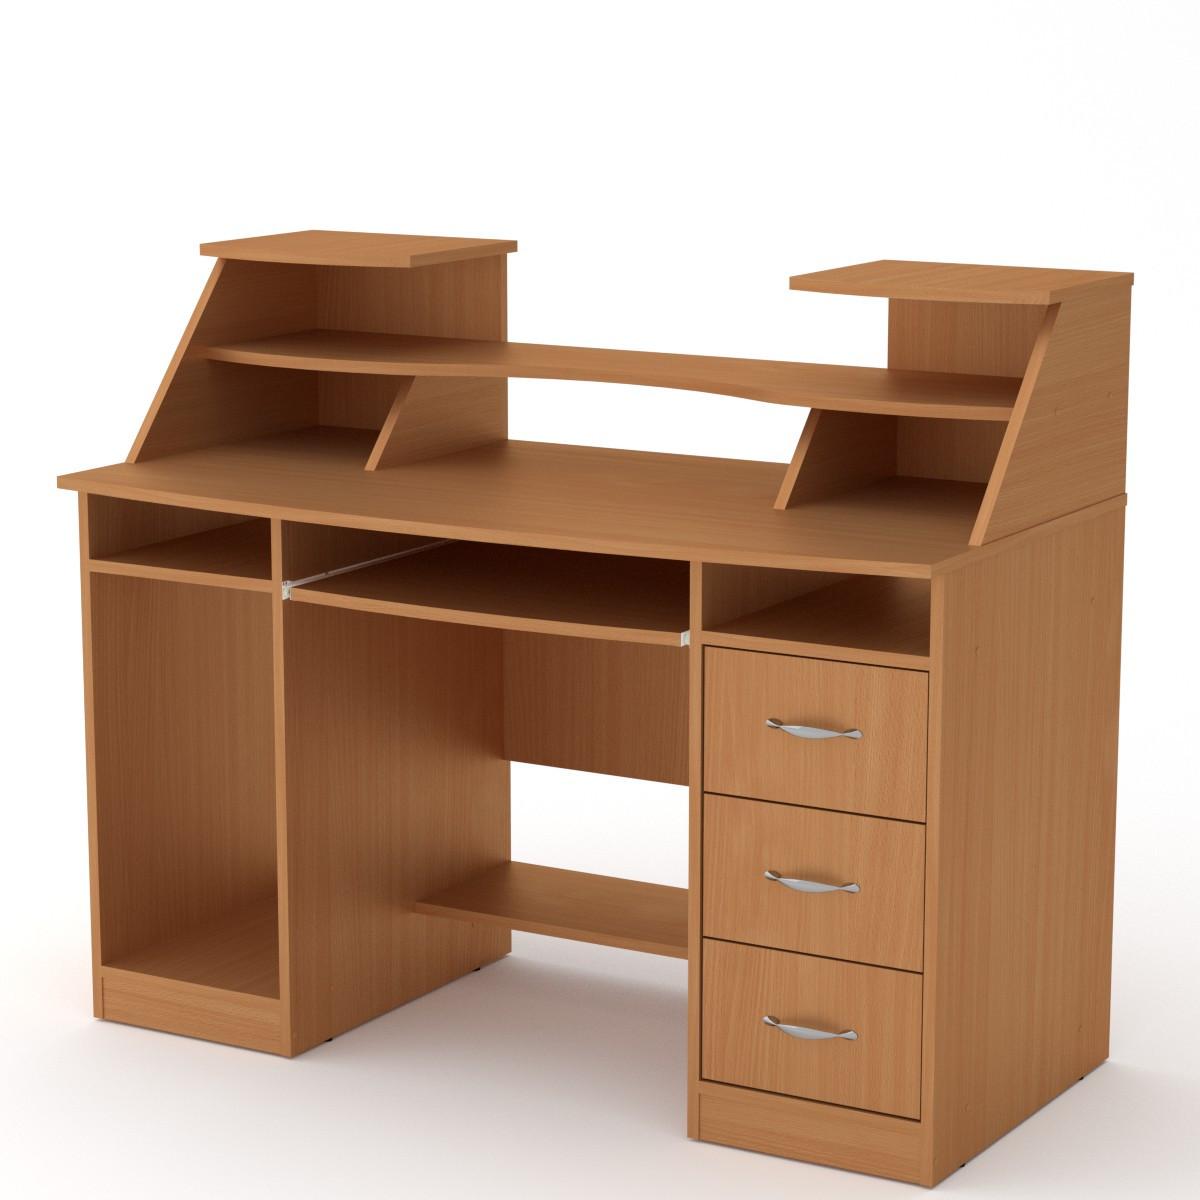 Стол компьютерный Комфорт-5 бук Компанит (127х65х104 см)